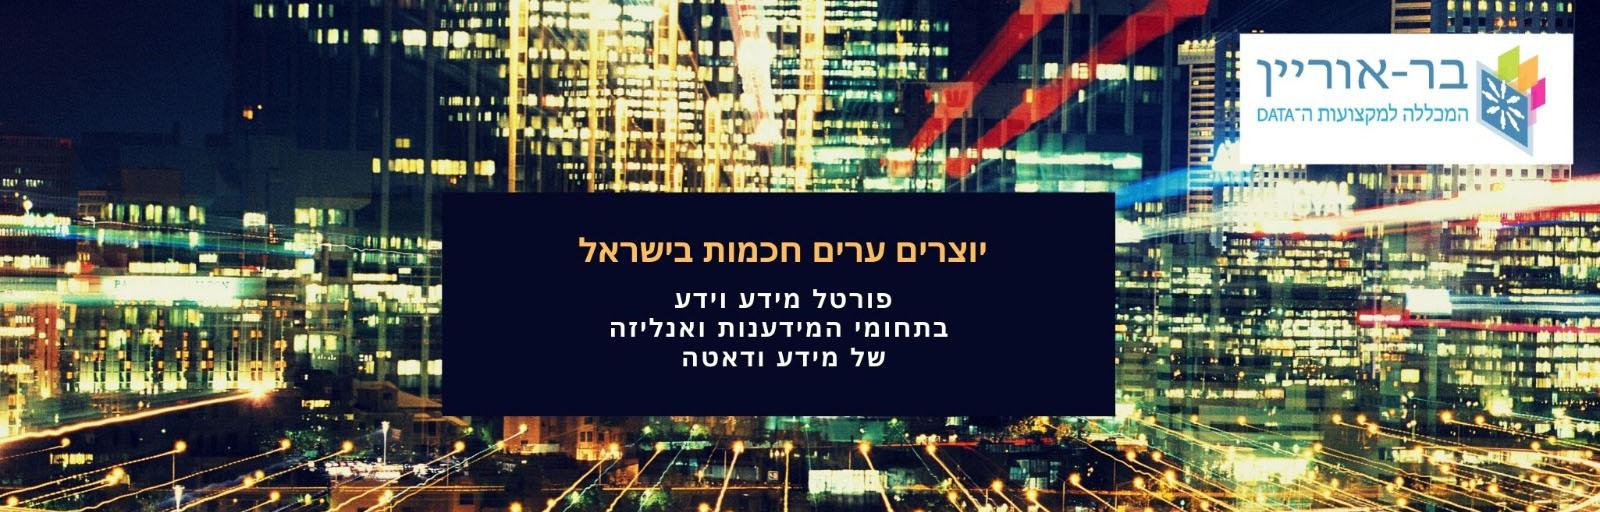 smartcityisrael.co.il